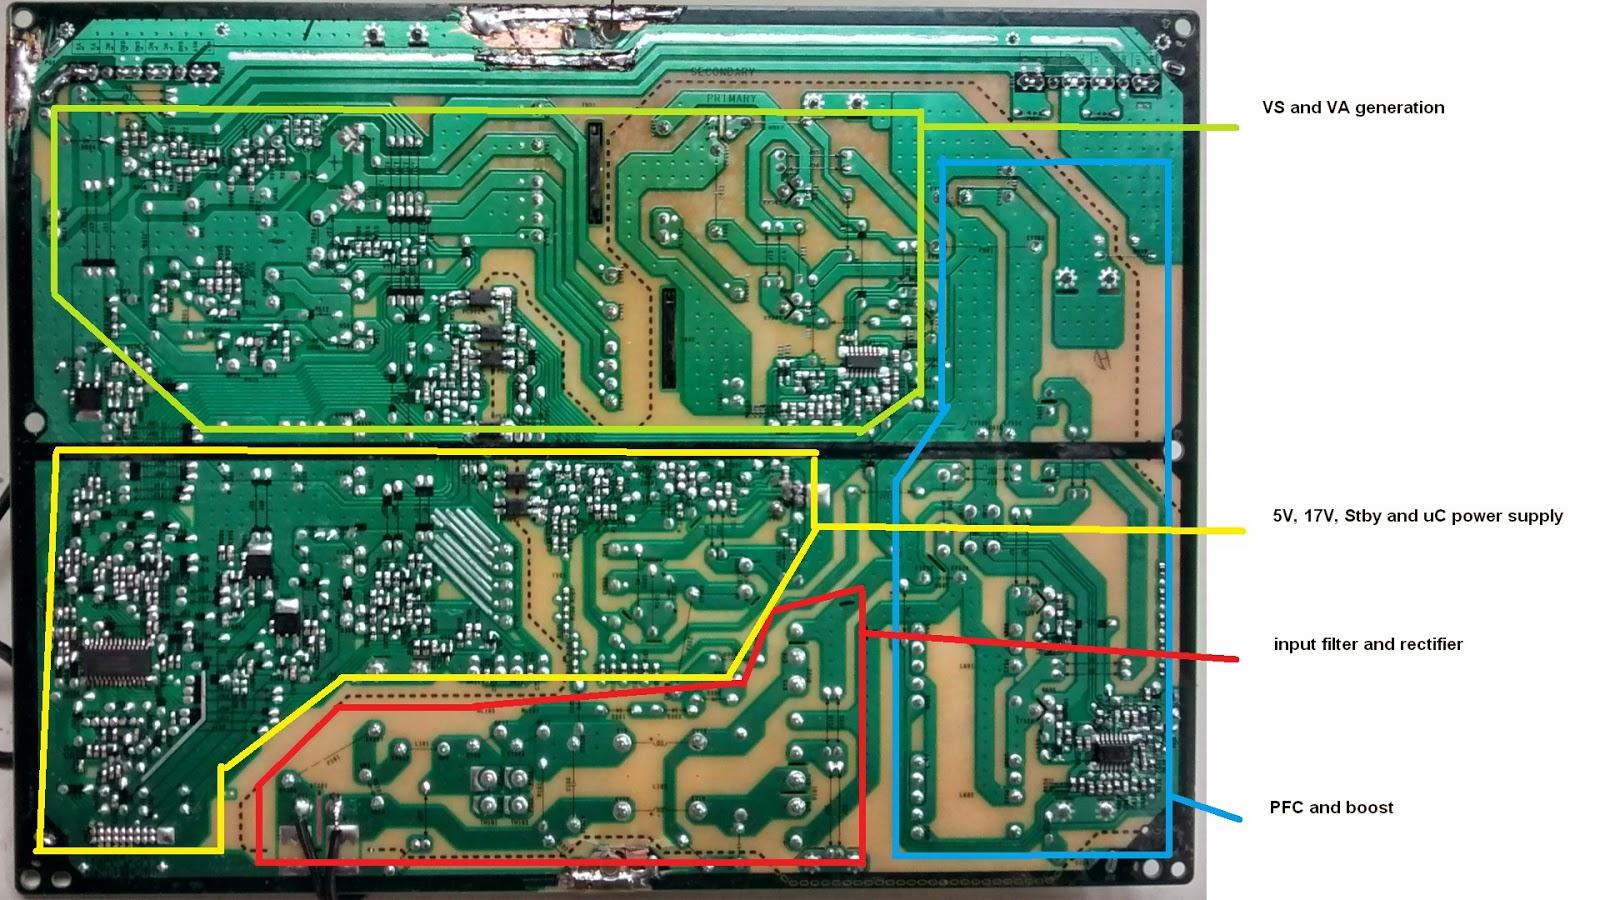 Electronics repairs: LG PSU board EAY60968801 repair